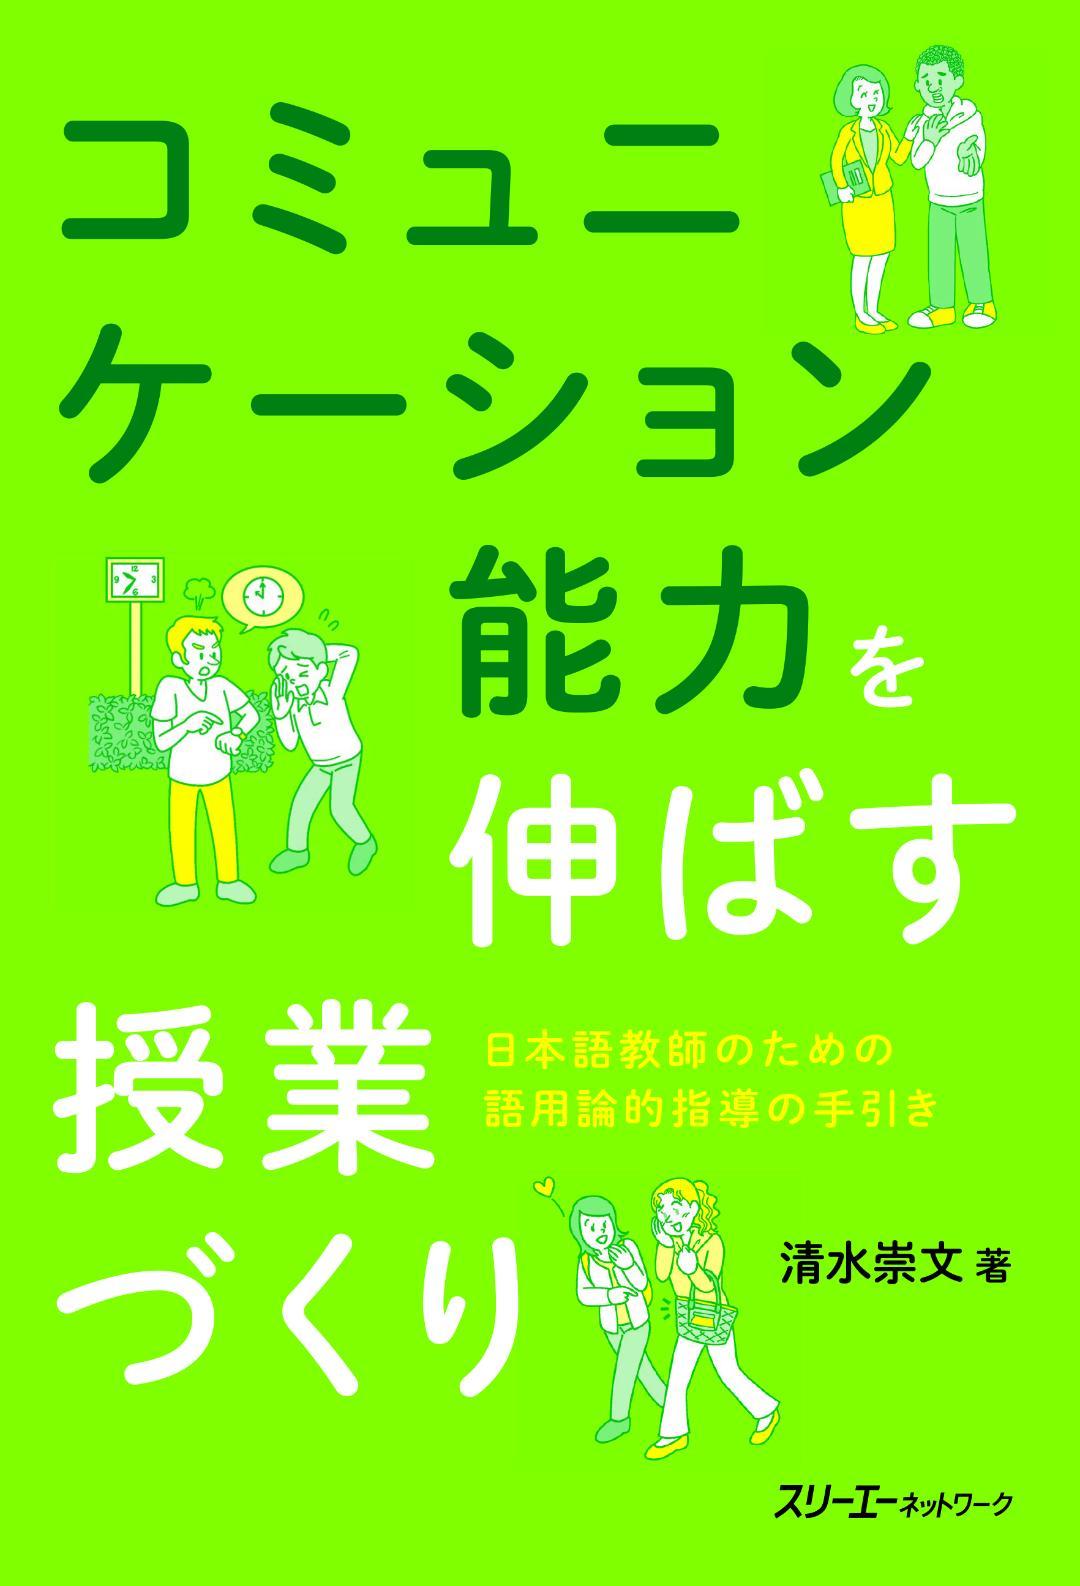 コミュニケーション能力を伸ばす授業づくり -日本語教師のための語用論的指導の手引き-画像